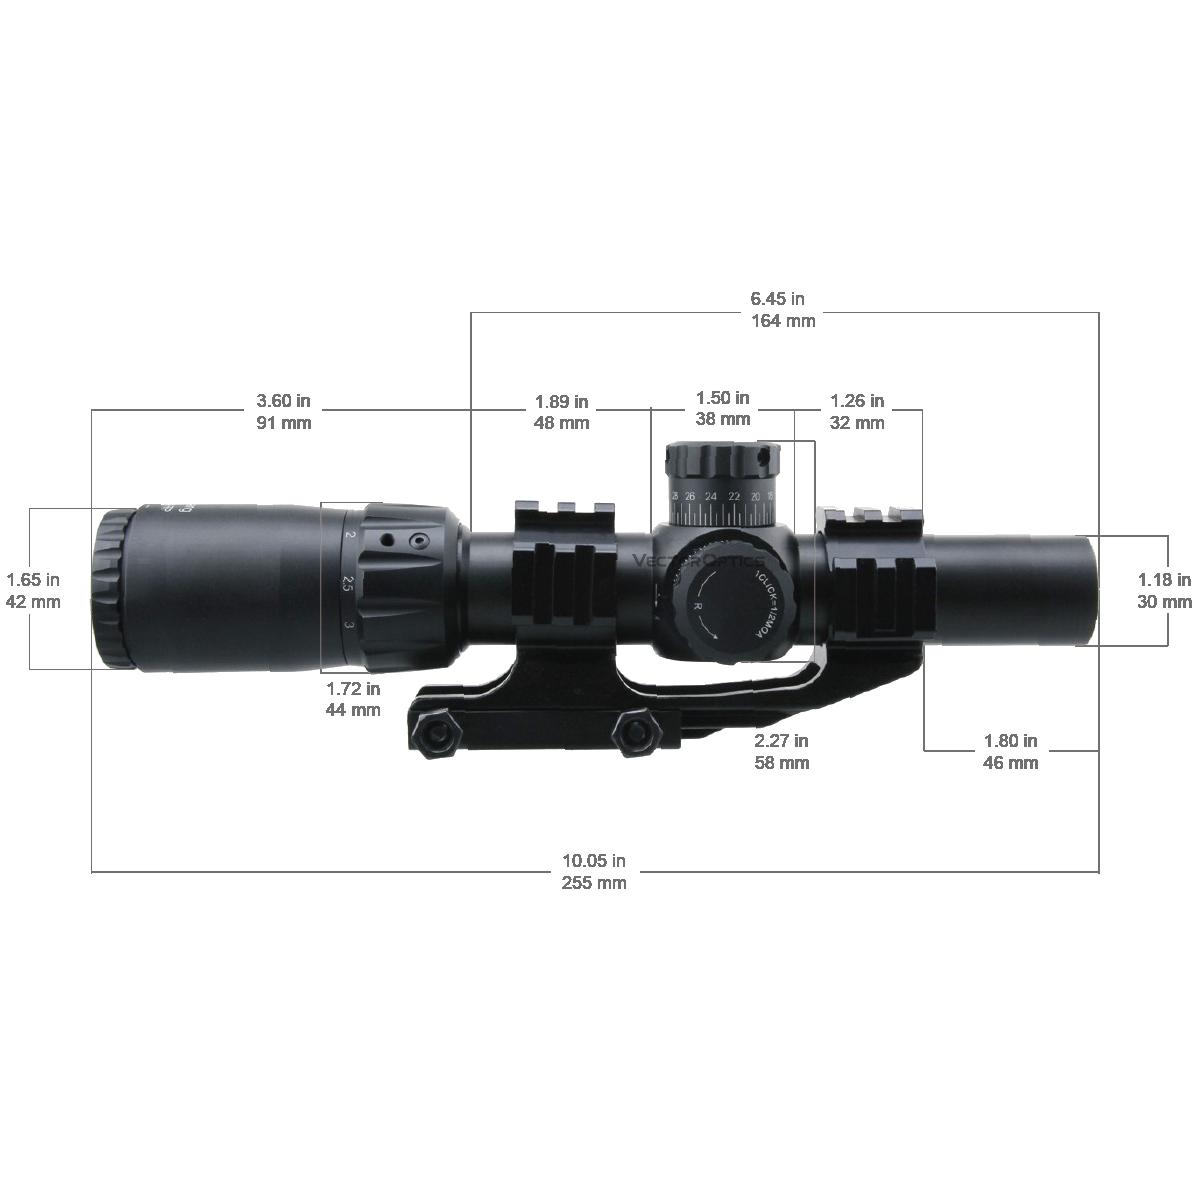 SCFF-36 Mustang 1-4x24 FFP Riflescope Dimensions (1)